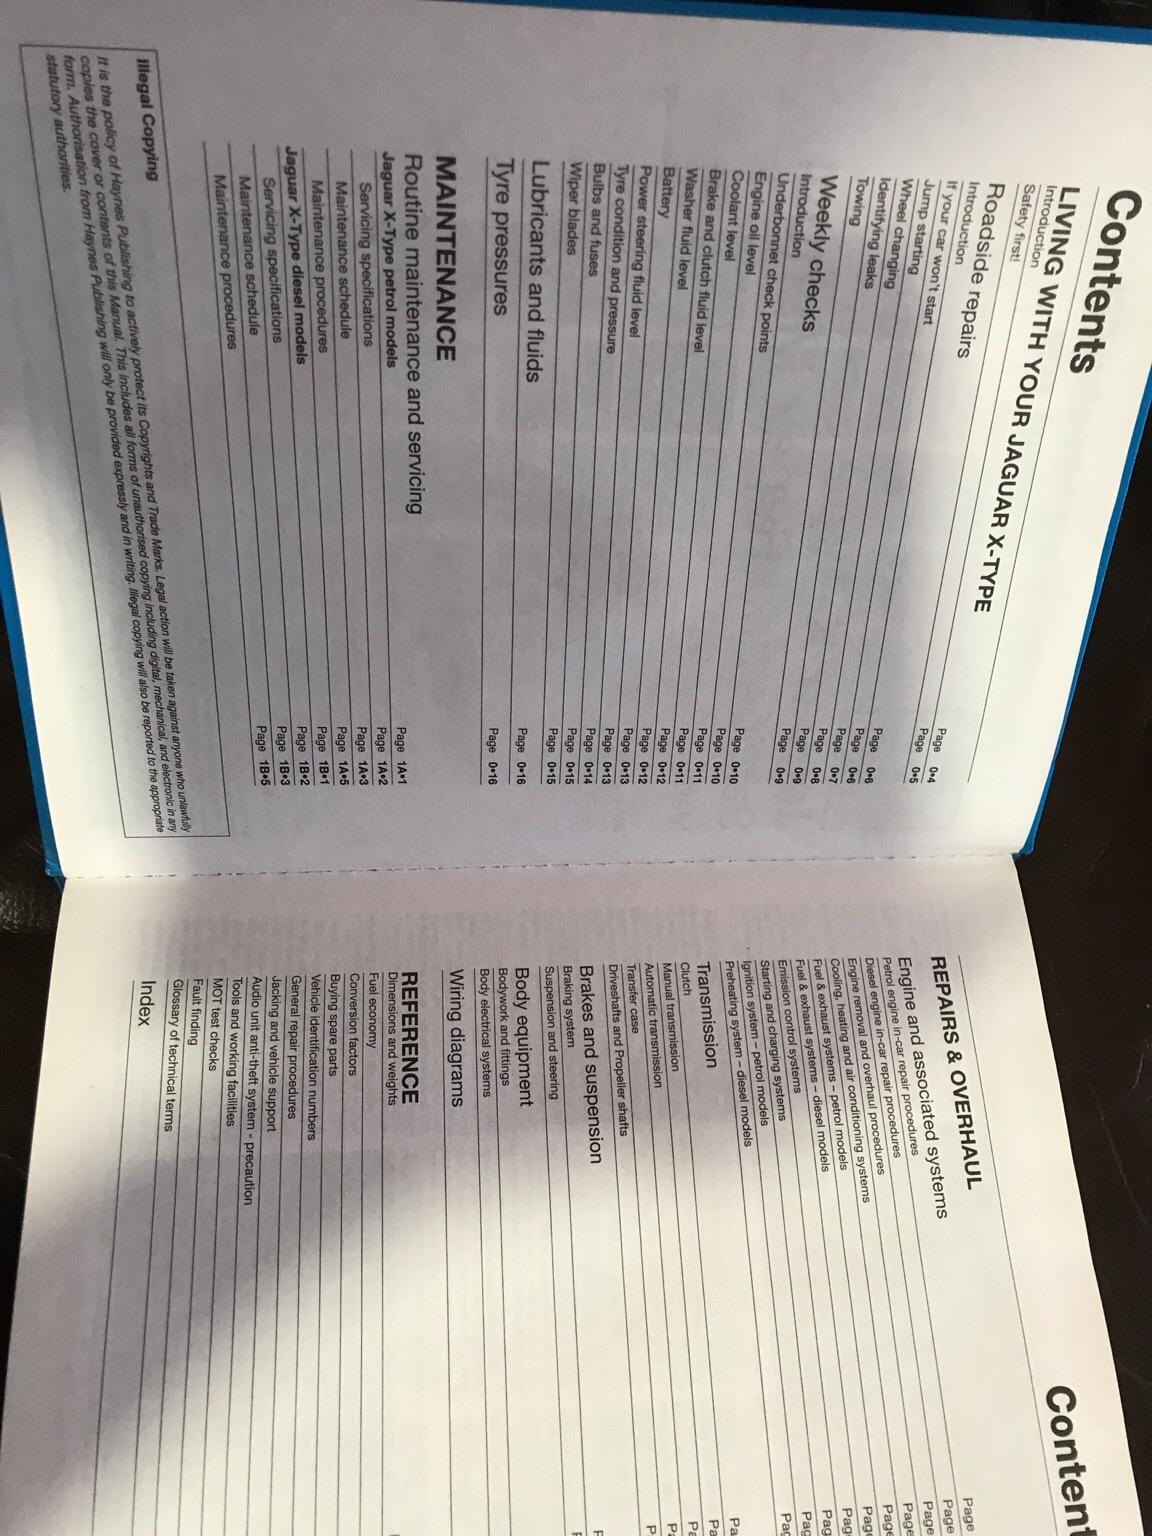 hight resolution of haynes workshop manual jaguar x type in b98 redditch for 15 00 for sale shpock